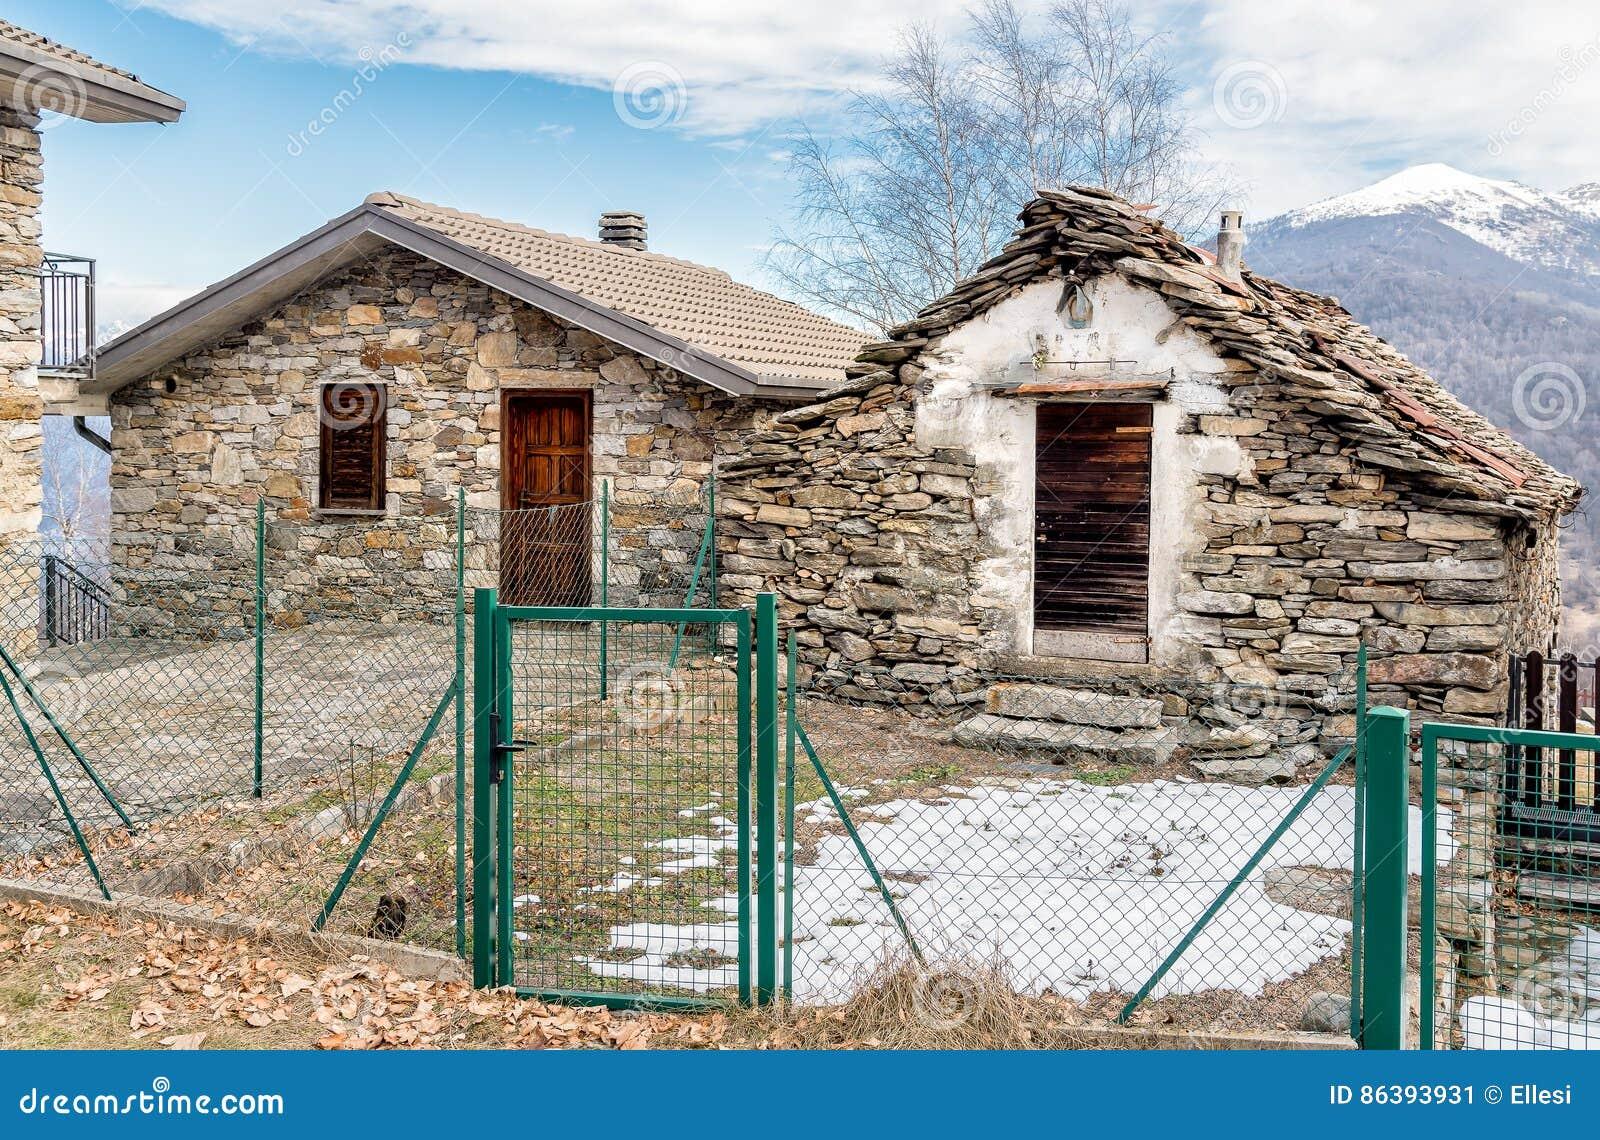 Case In Pietra Di Montagna : Case di pietra nel paesino di montagna immagine stock immagine